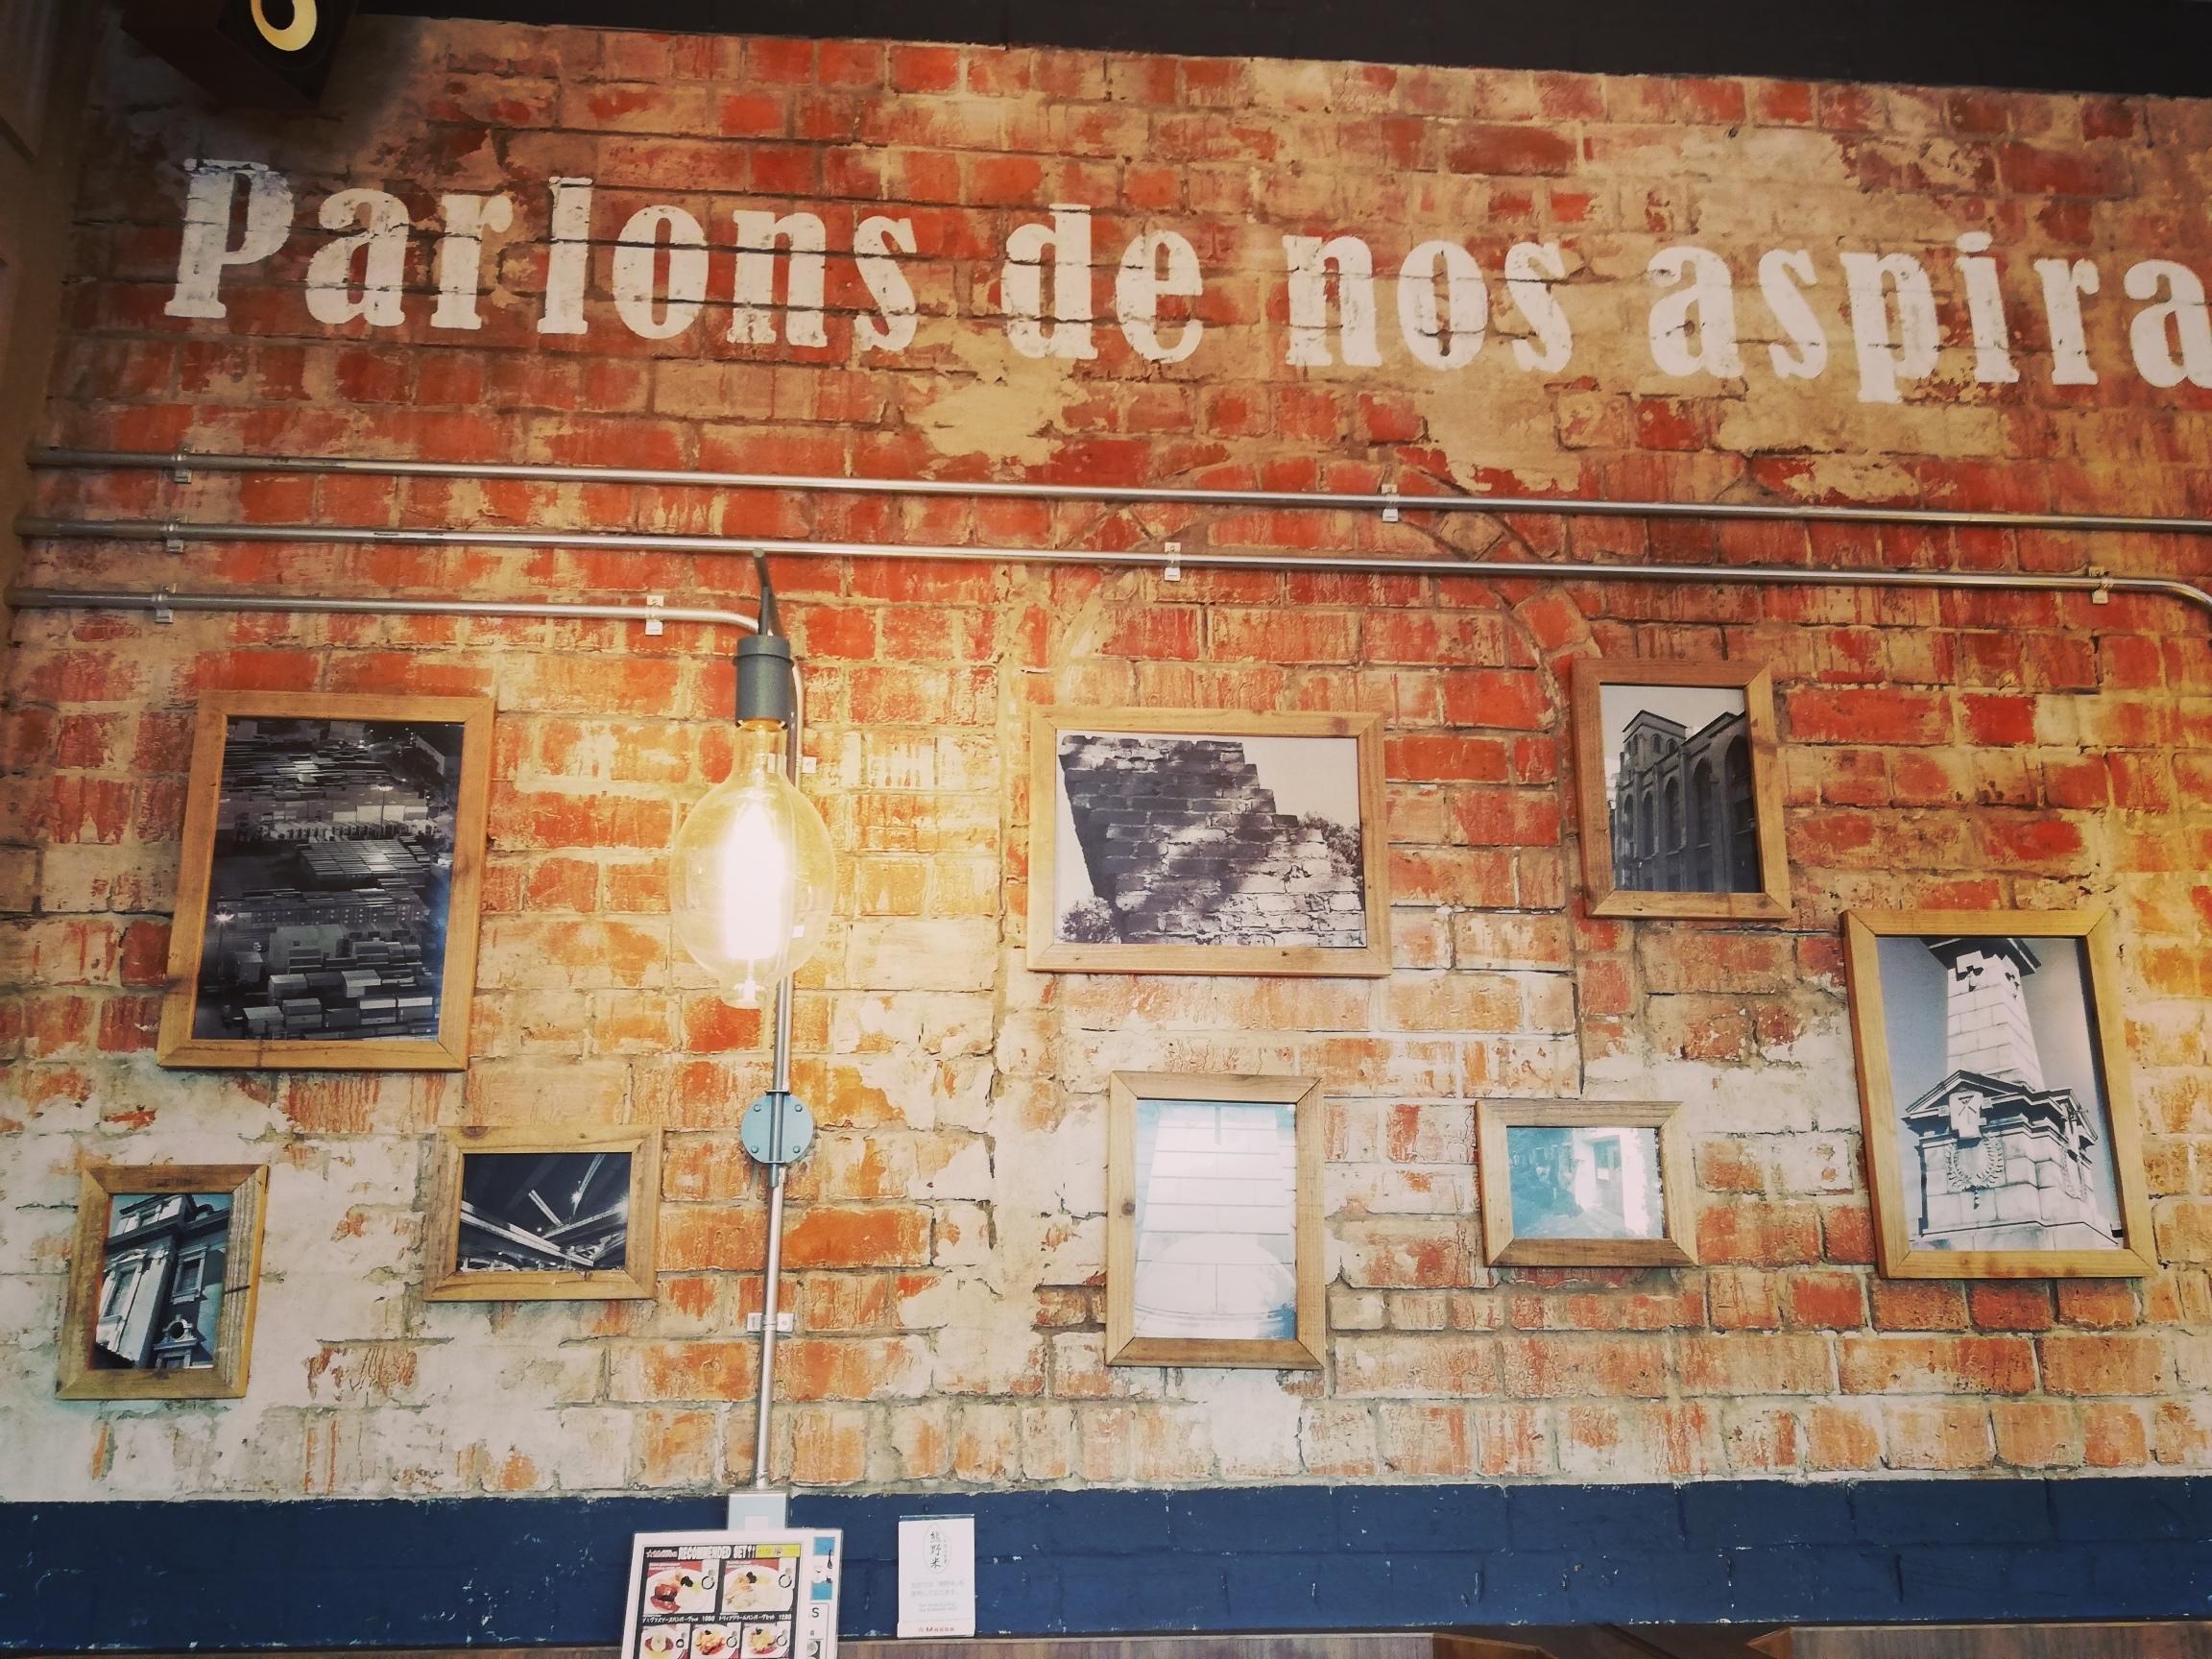 おしゃれな写真がディスプレイされている壁の写真です。